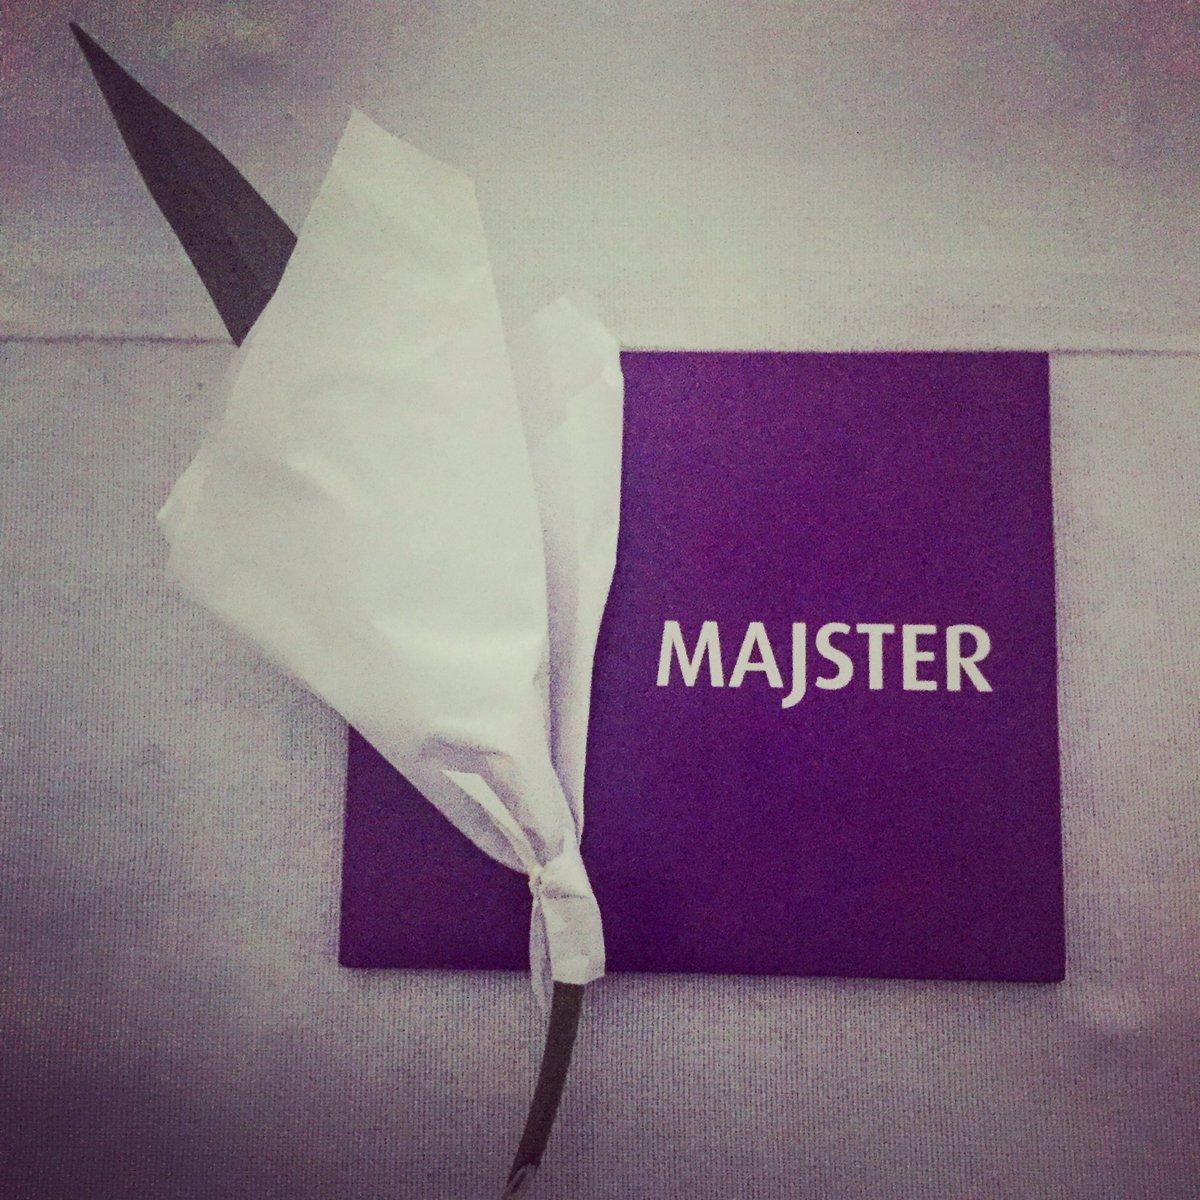 Album à se procurer et à écouter ( voir étudier )  avec attention , sans modération ! Force à @DespoRutti93 #Majster https://t.co/e4Y47v3BFl